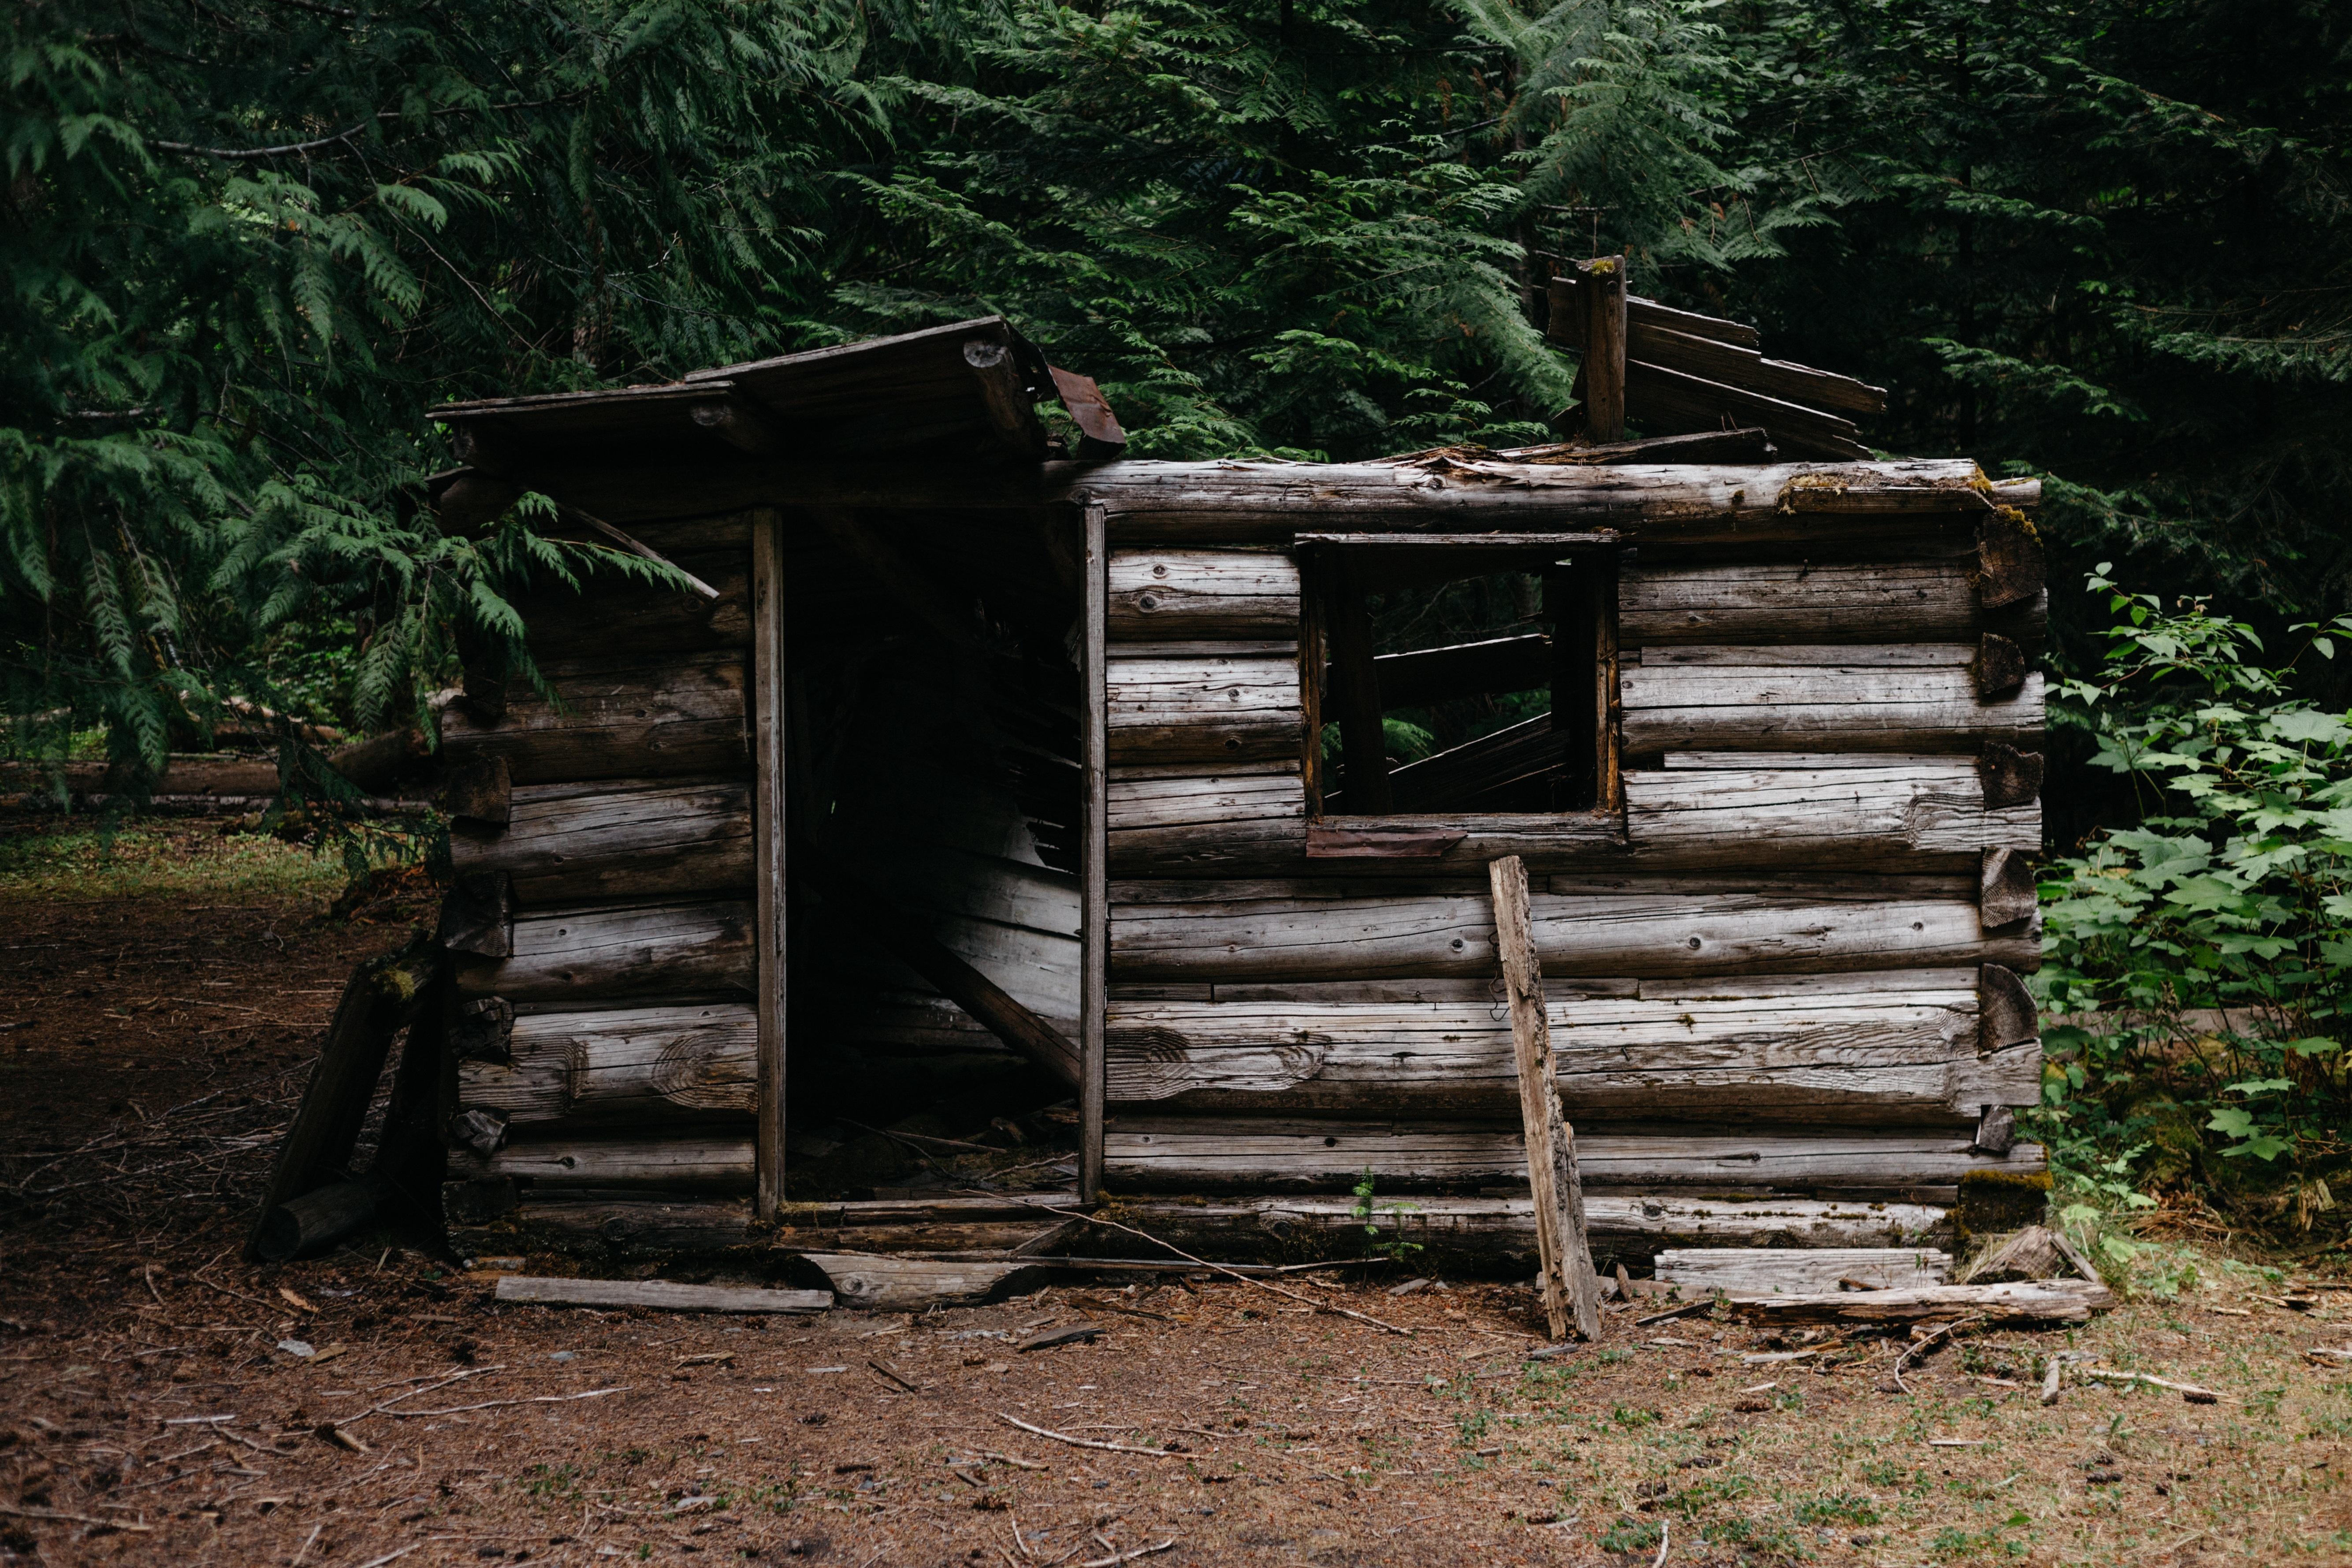 Kostenlose foto : Wald, Holz, Gebäude, Zuhause, Schuppen, Hütte ...